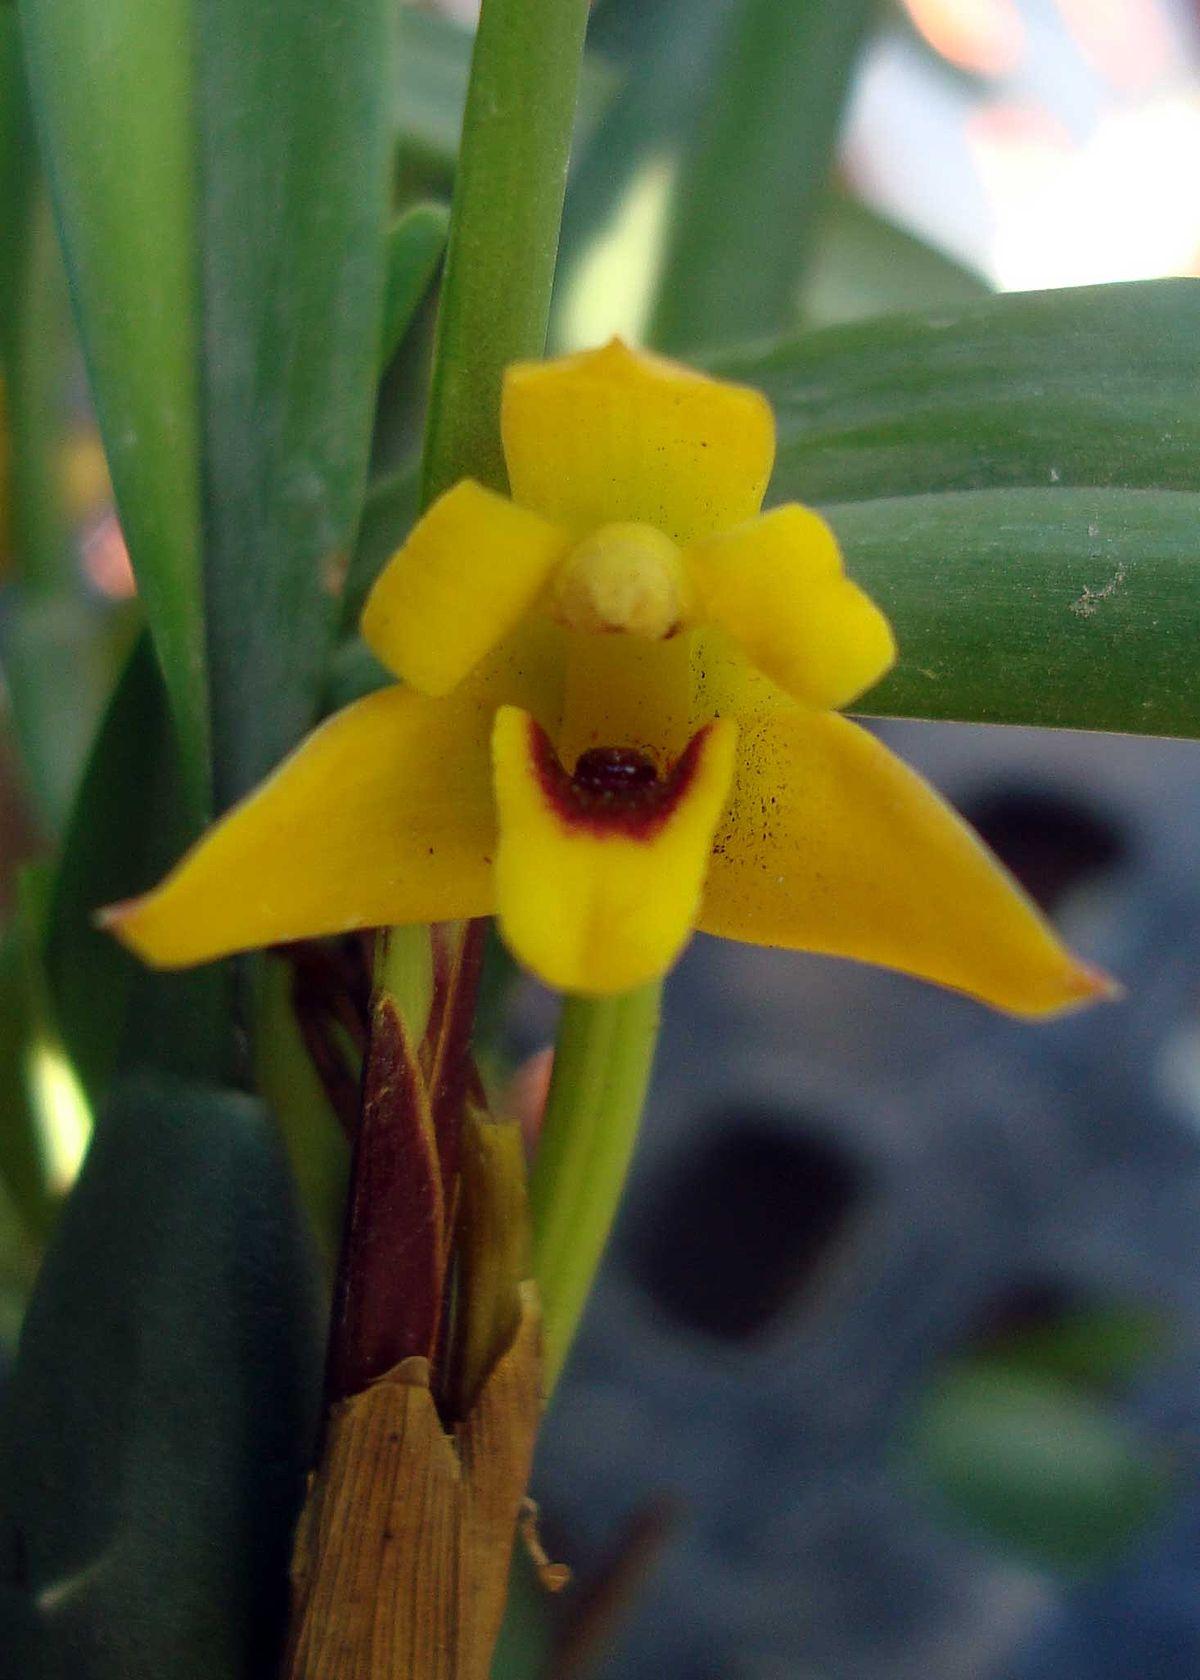 La de amarillo tiene uun culote - 1 6